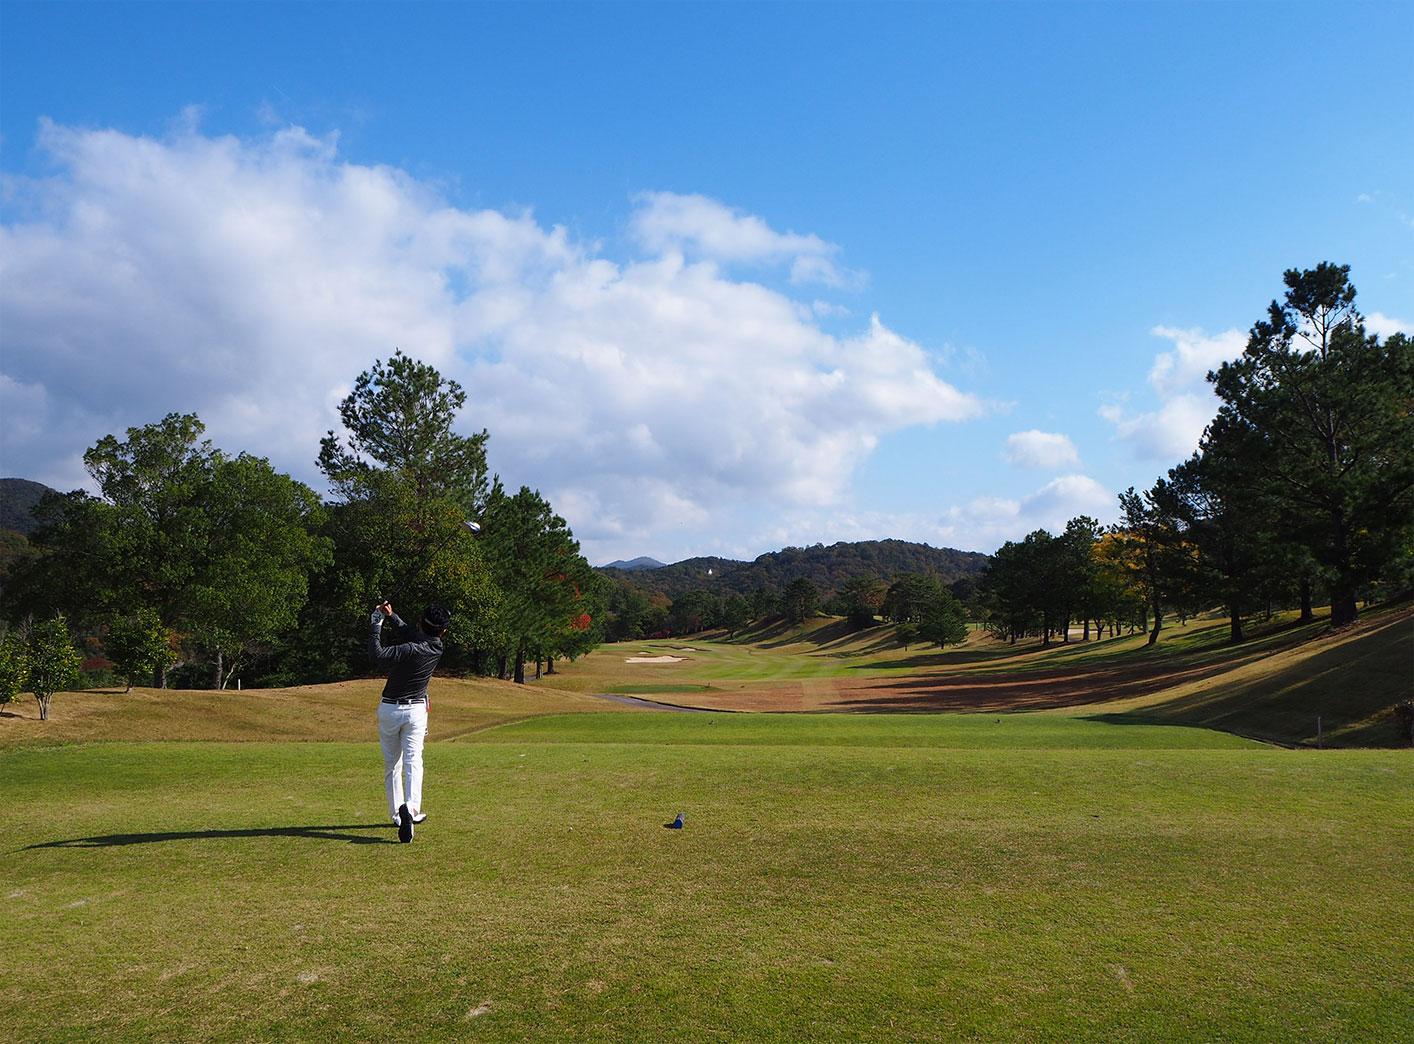 Golf course02